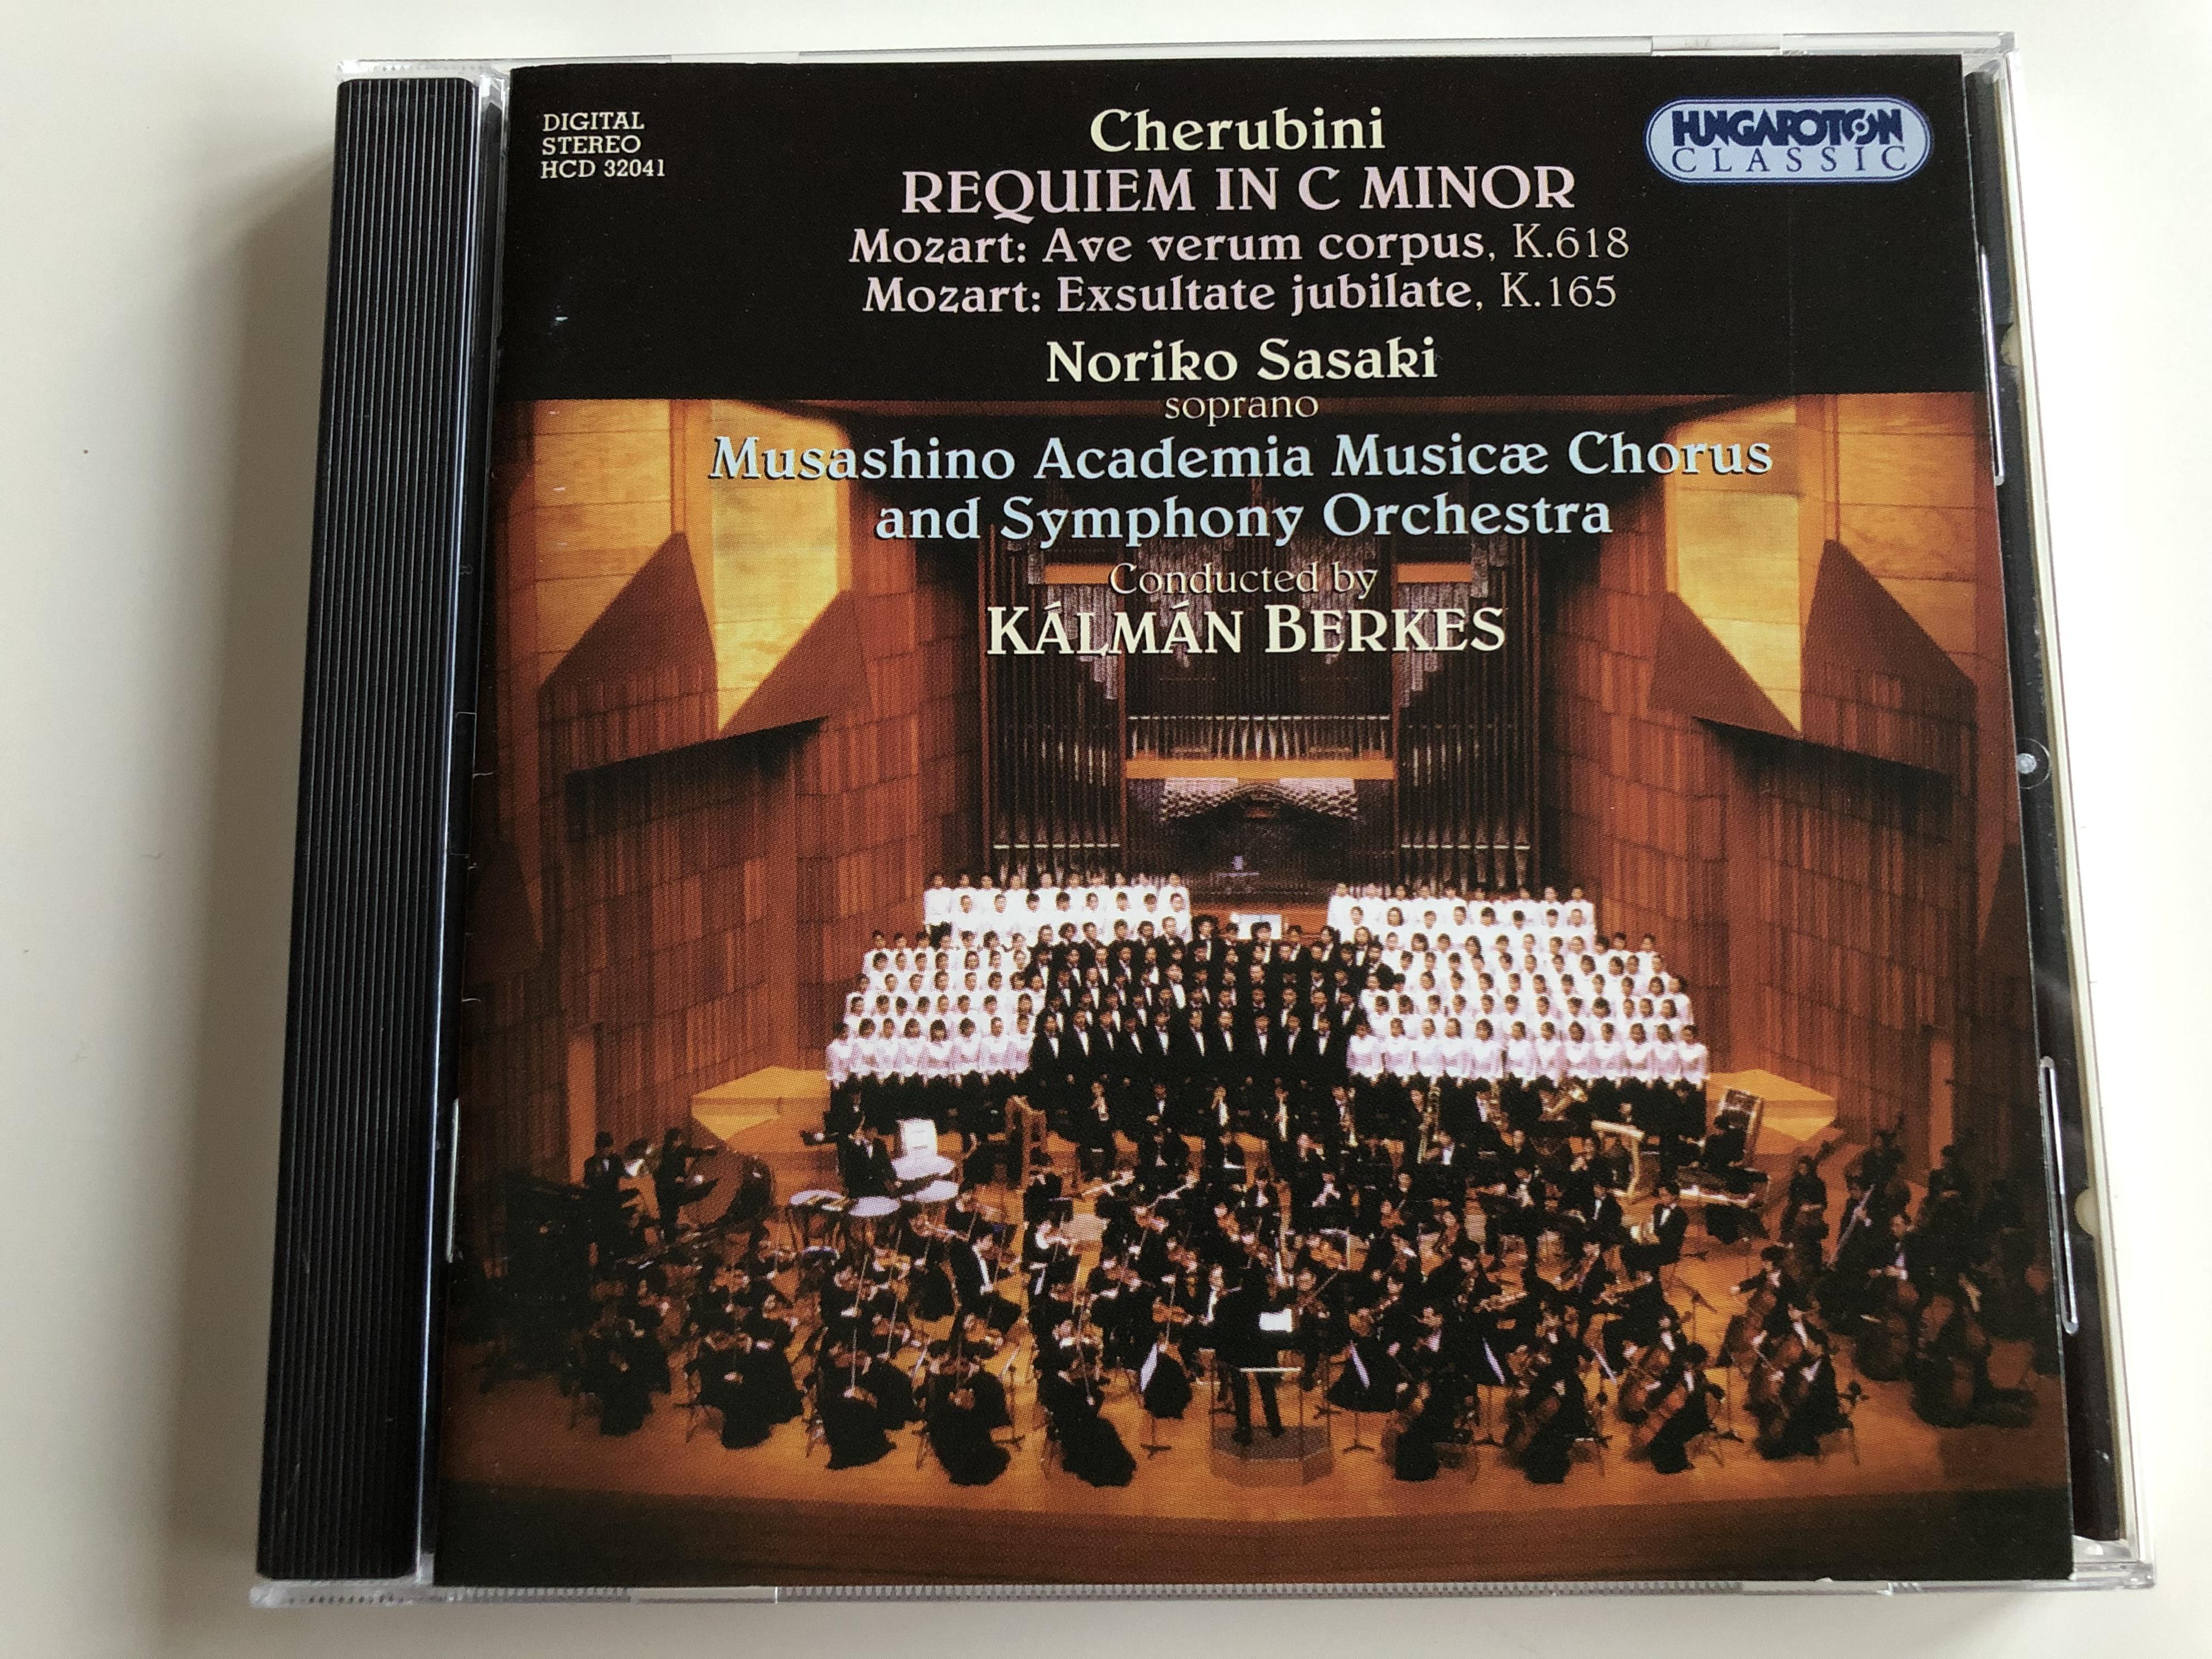 cherubini-requiem-in-c-minor-mozart-ave-verum-corpus-k.618-mozart-exsultate-jubilate-k.165-noriko-sasaki-soprano-musashino-academia-music-chorus-and-symphony-orchestra-conducted-by-k-lm-n-berkes-hungaroton-classic-1-.jpg